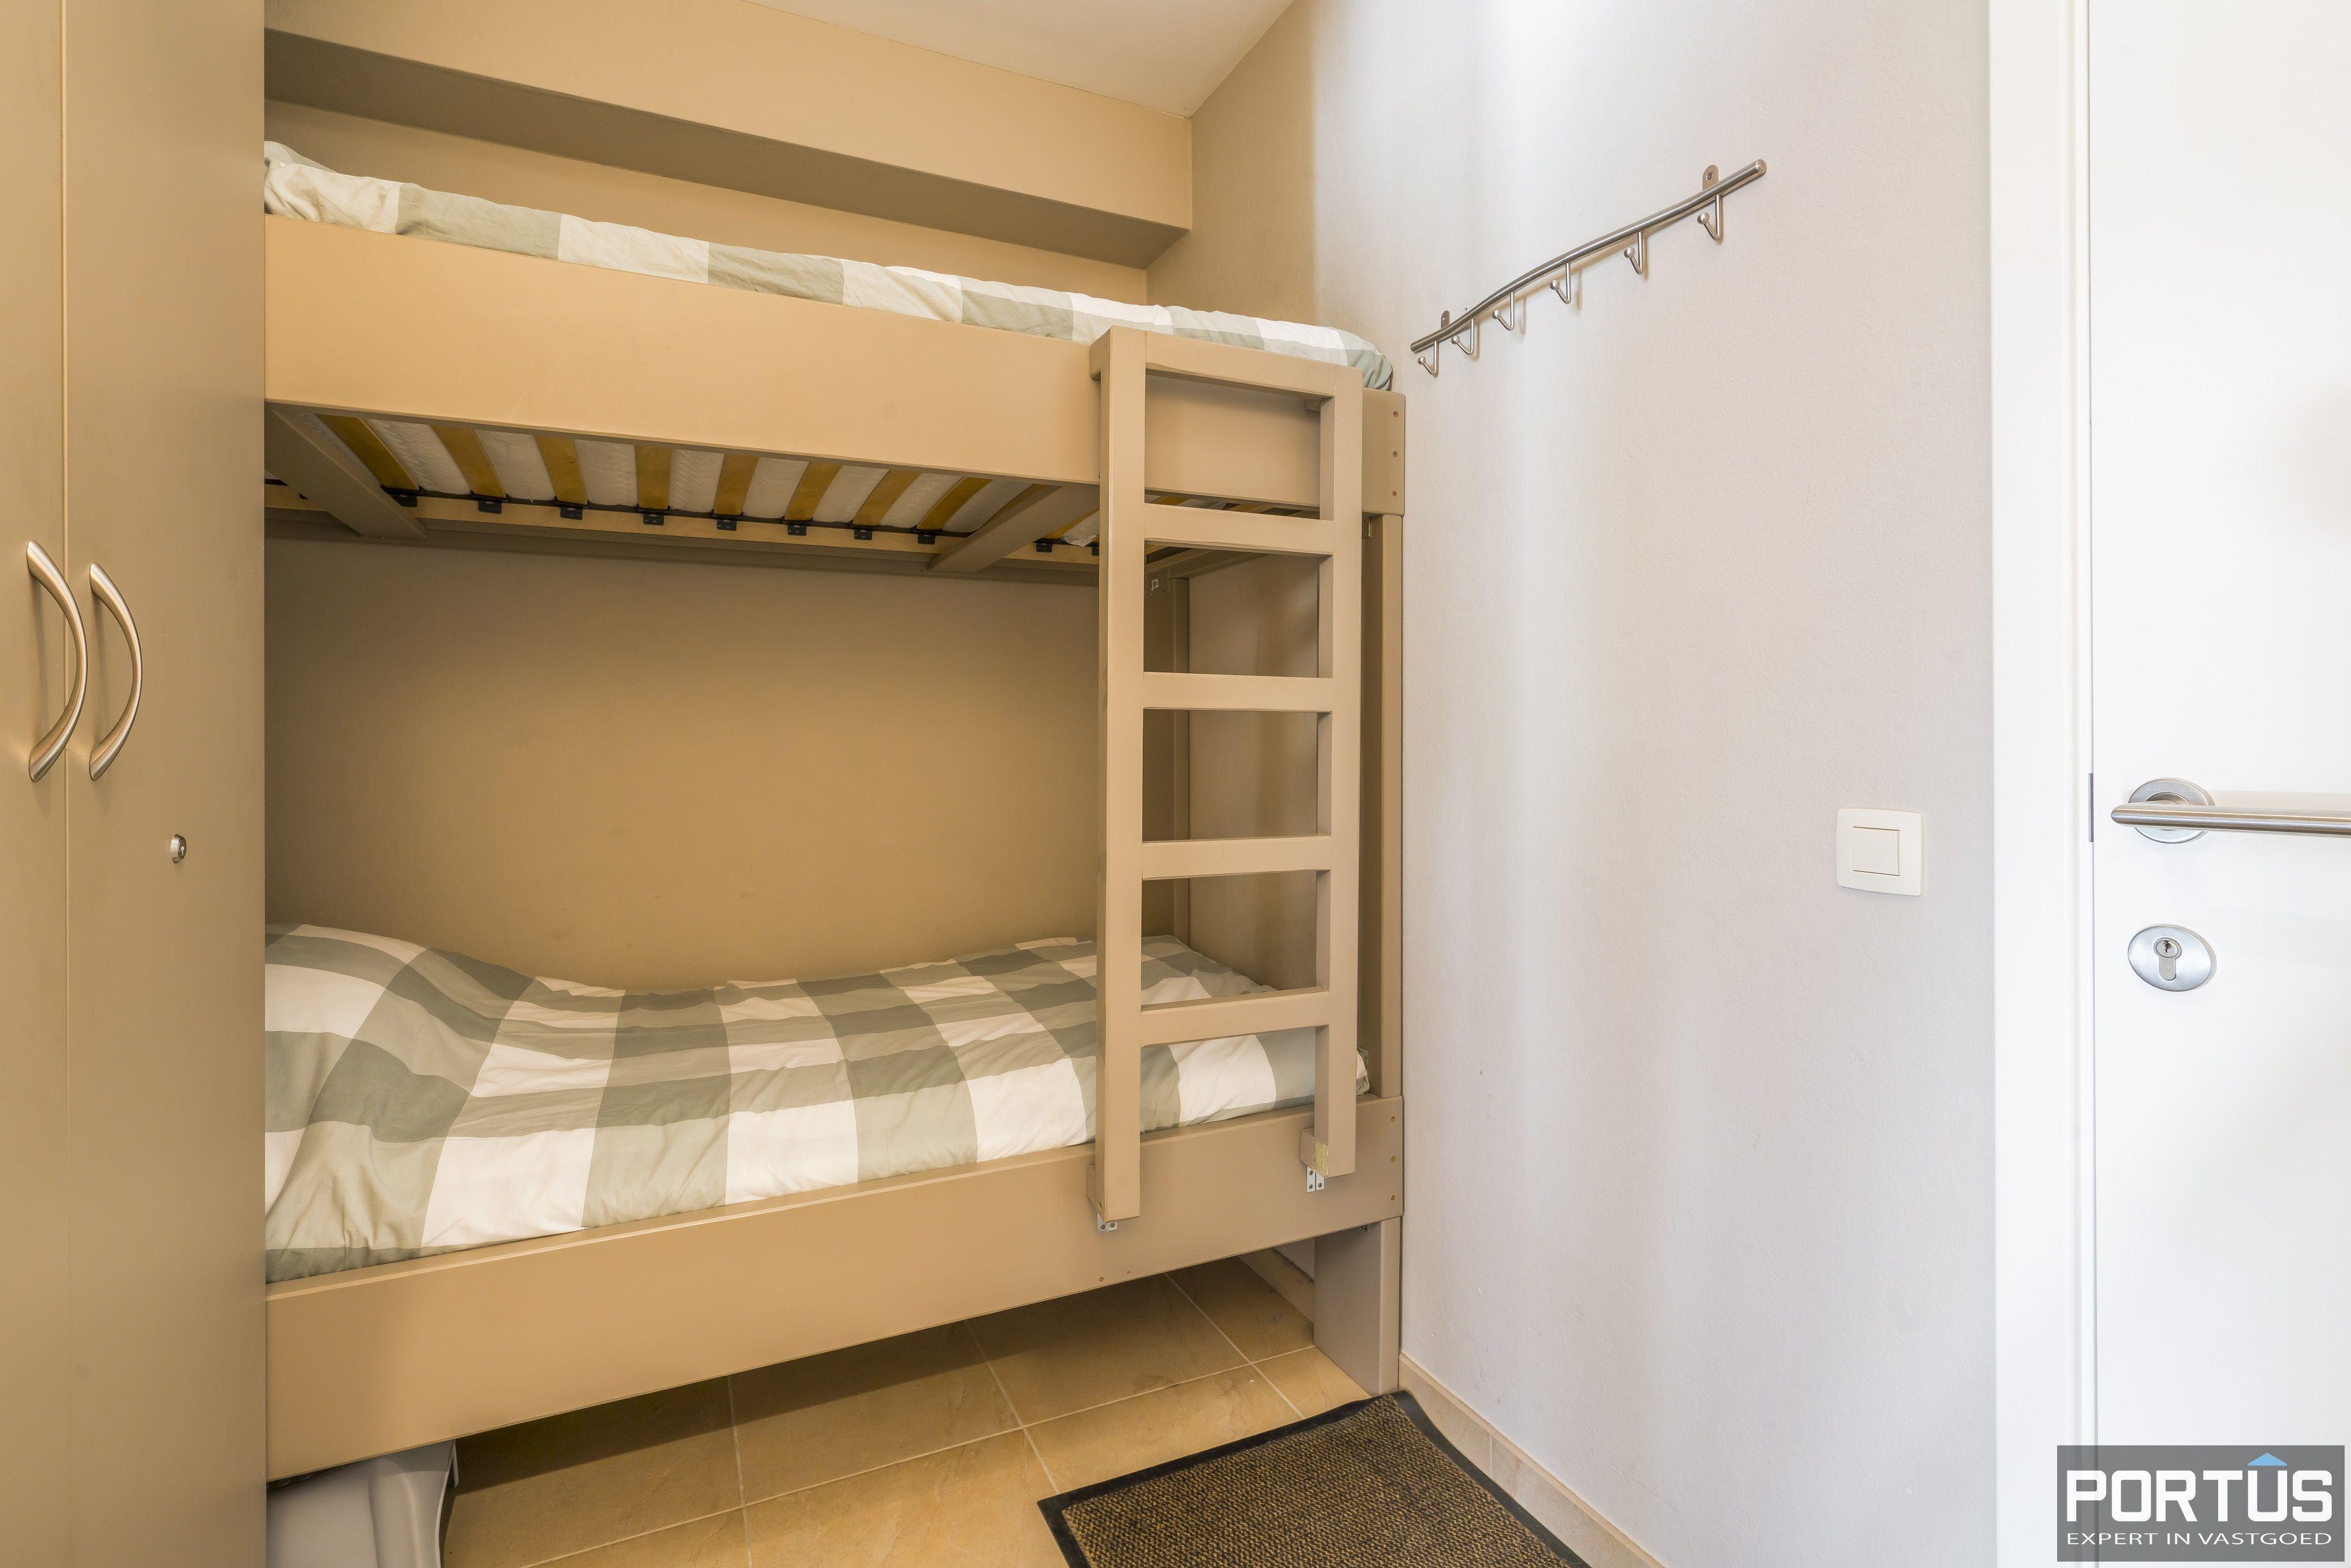 Instapklaar appartement met slaapkamer en slaaphoek te koop te Nieuwpoort - 13107